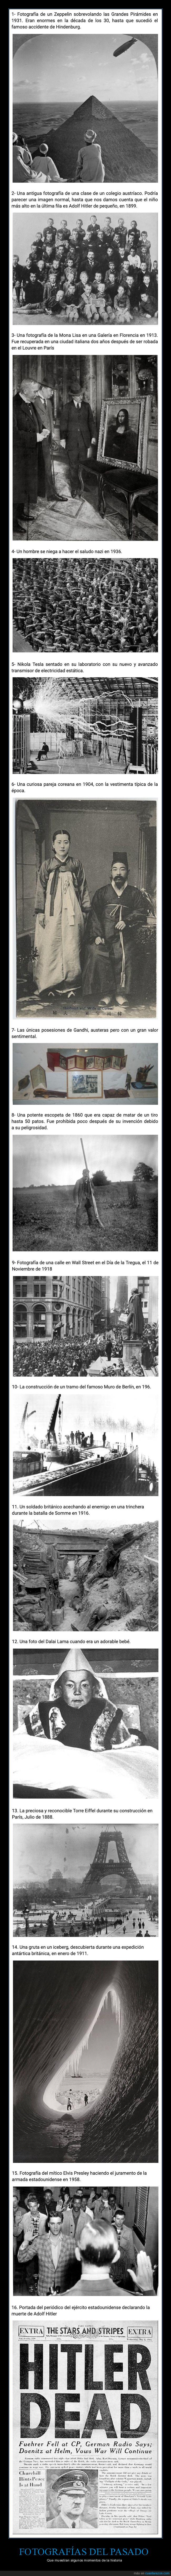 fotografías,historia,pasado,retro